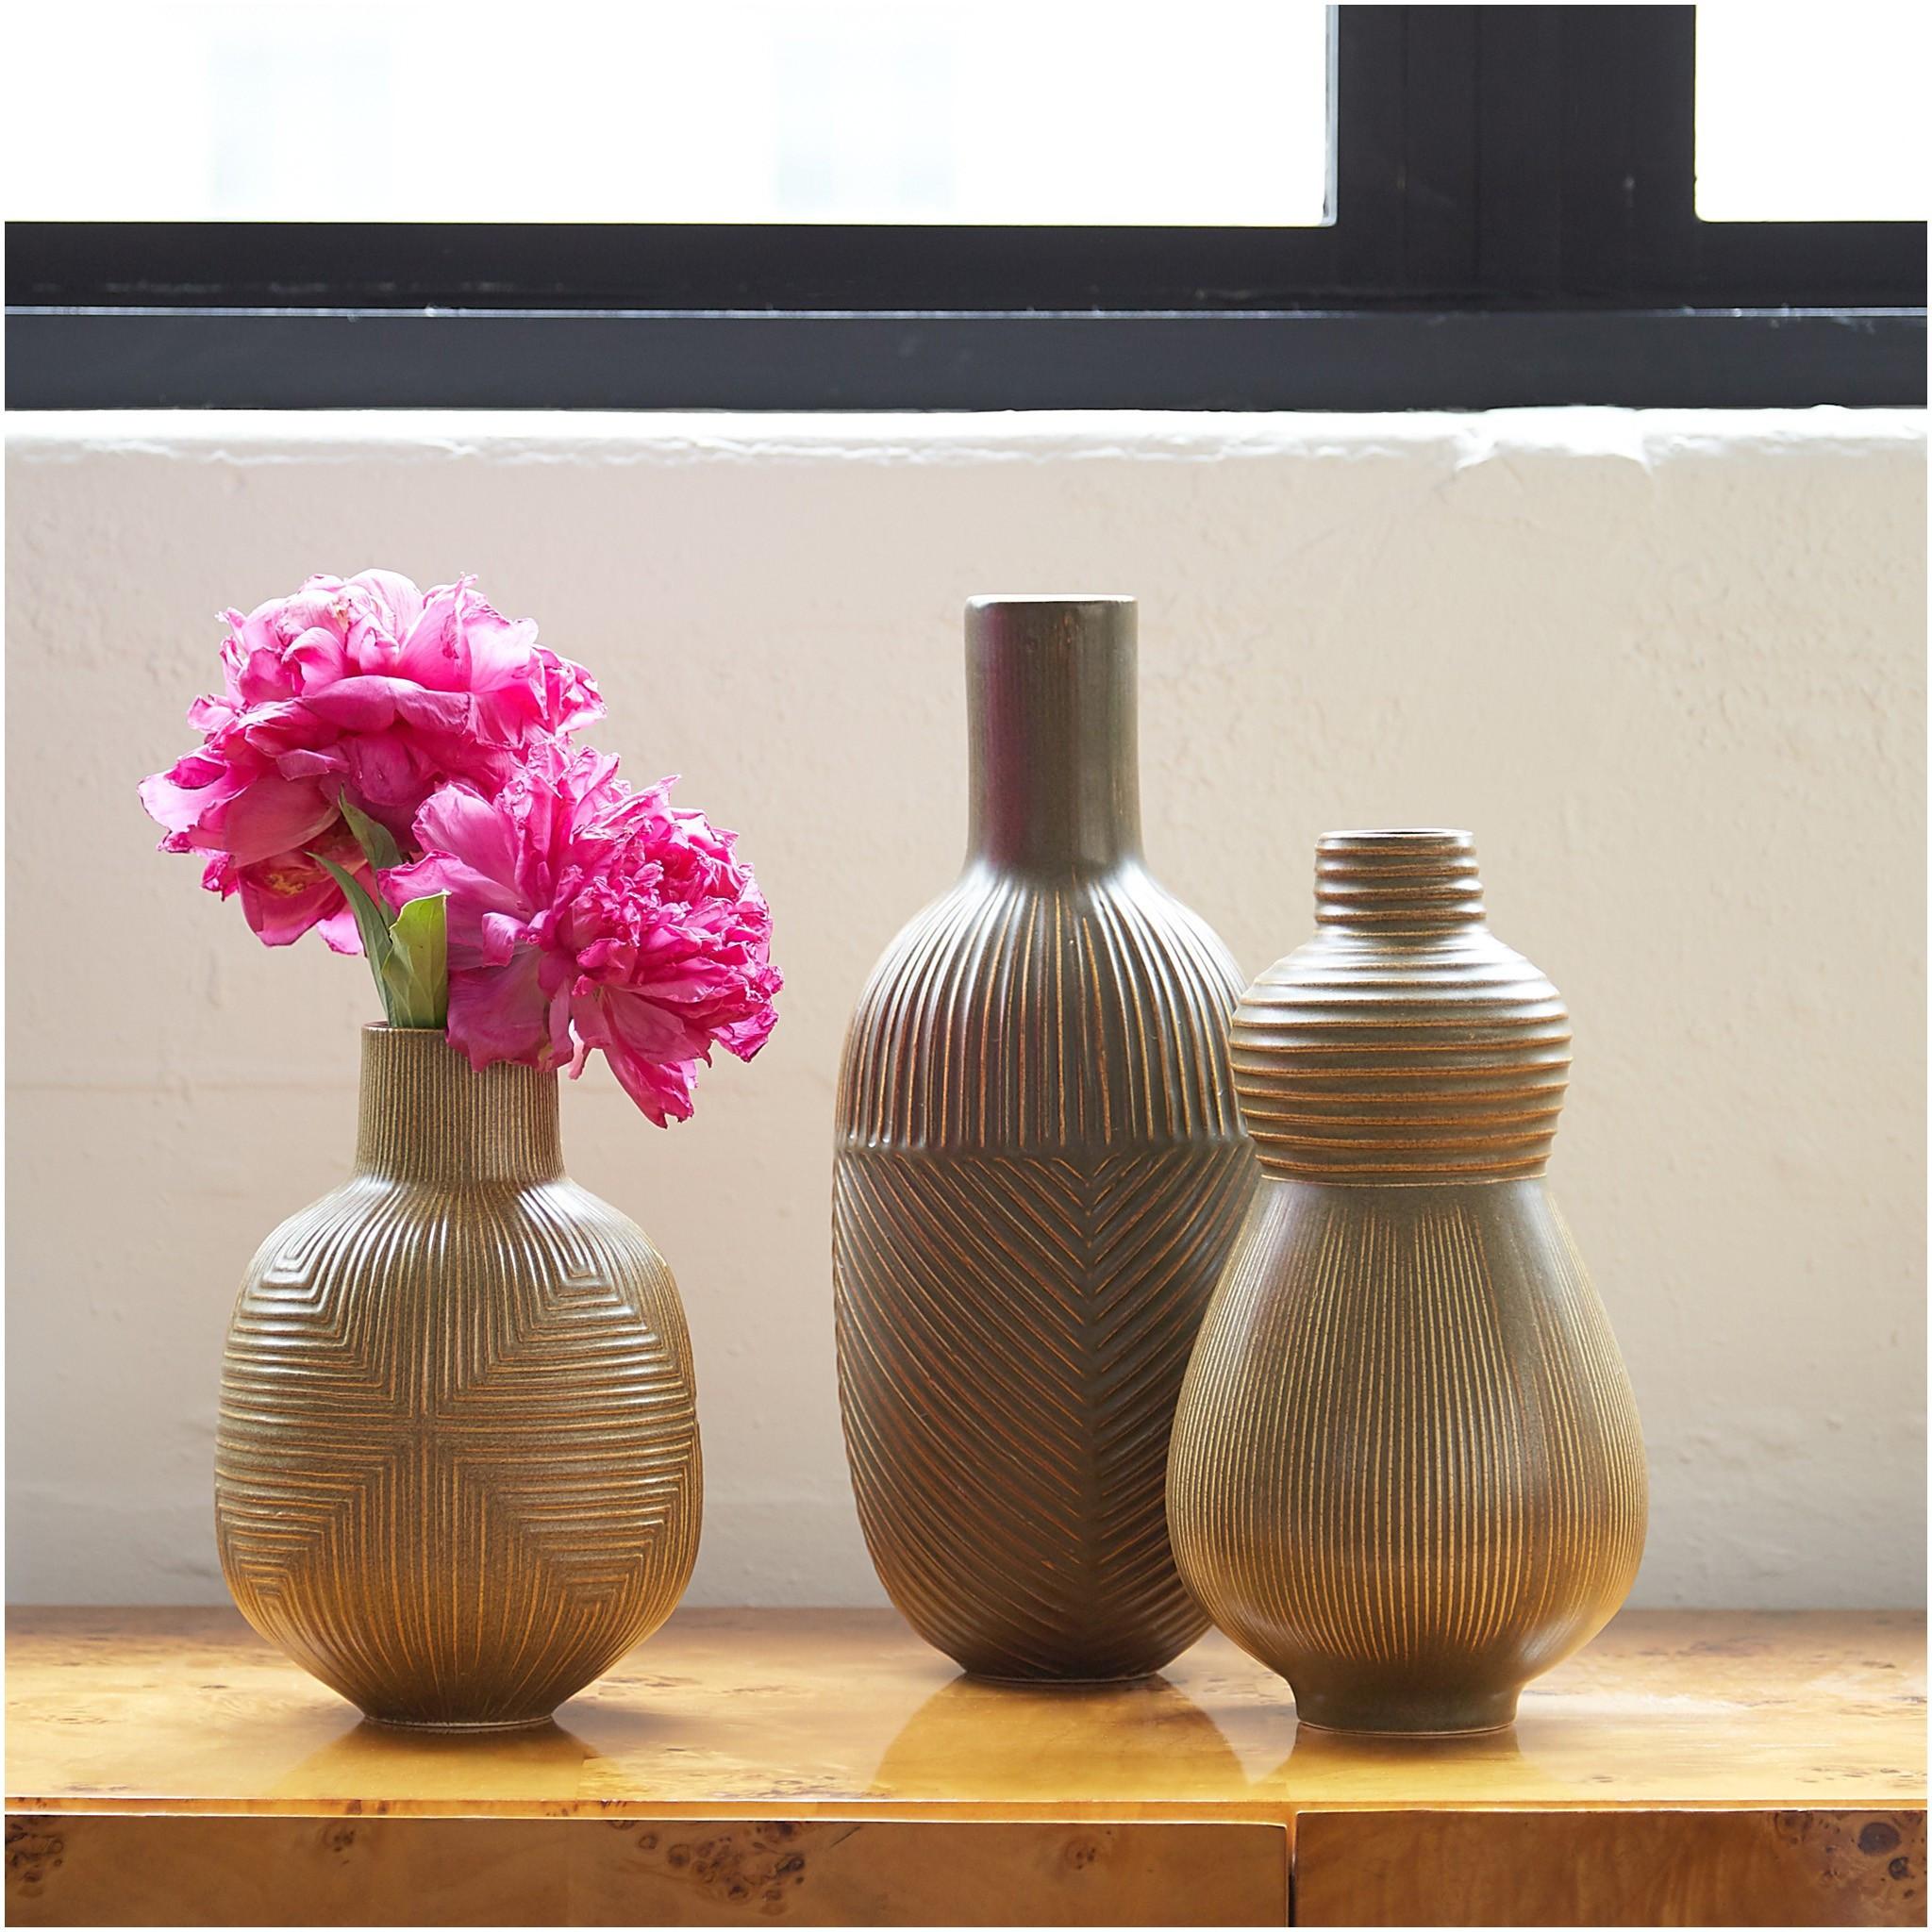 purple vase decor of 21 beau decorative vases anciendemutu org intended for modern decor pottery relief vases 2015 styled b jonathan adlerh i 18d